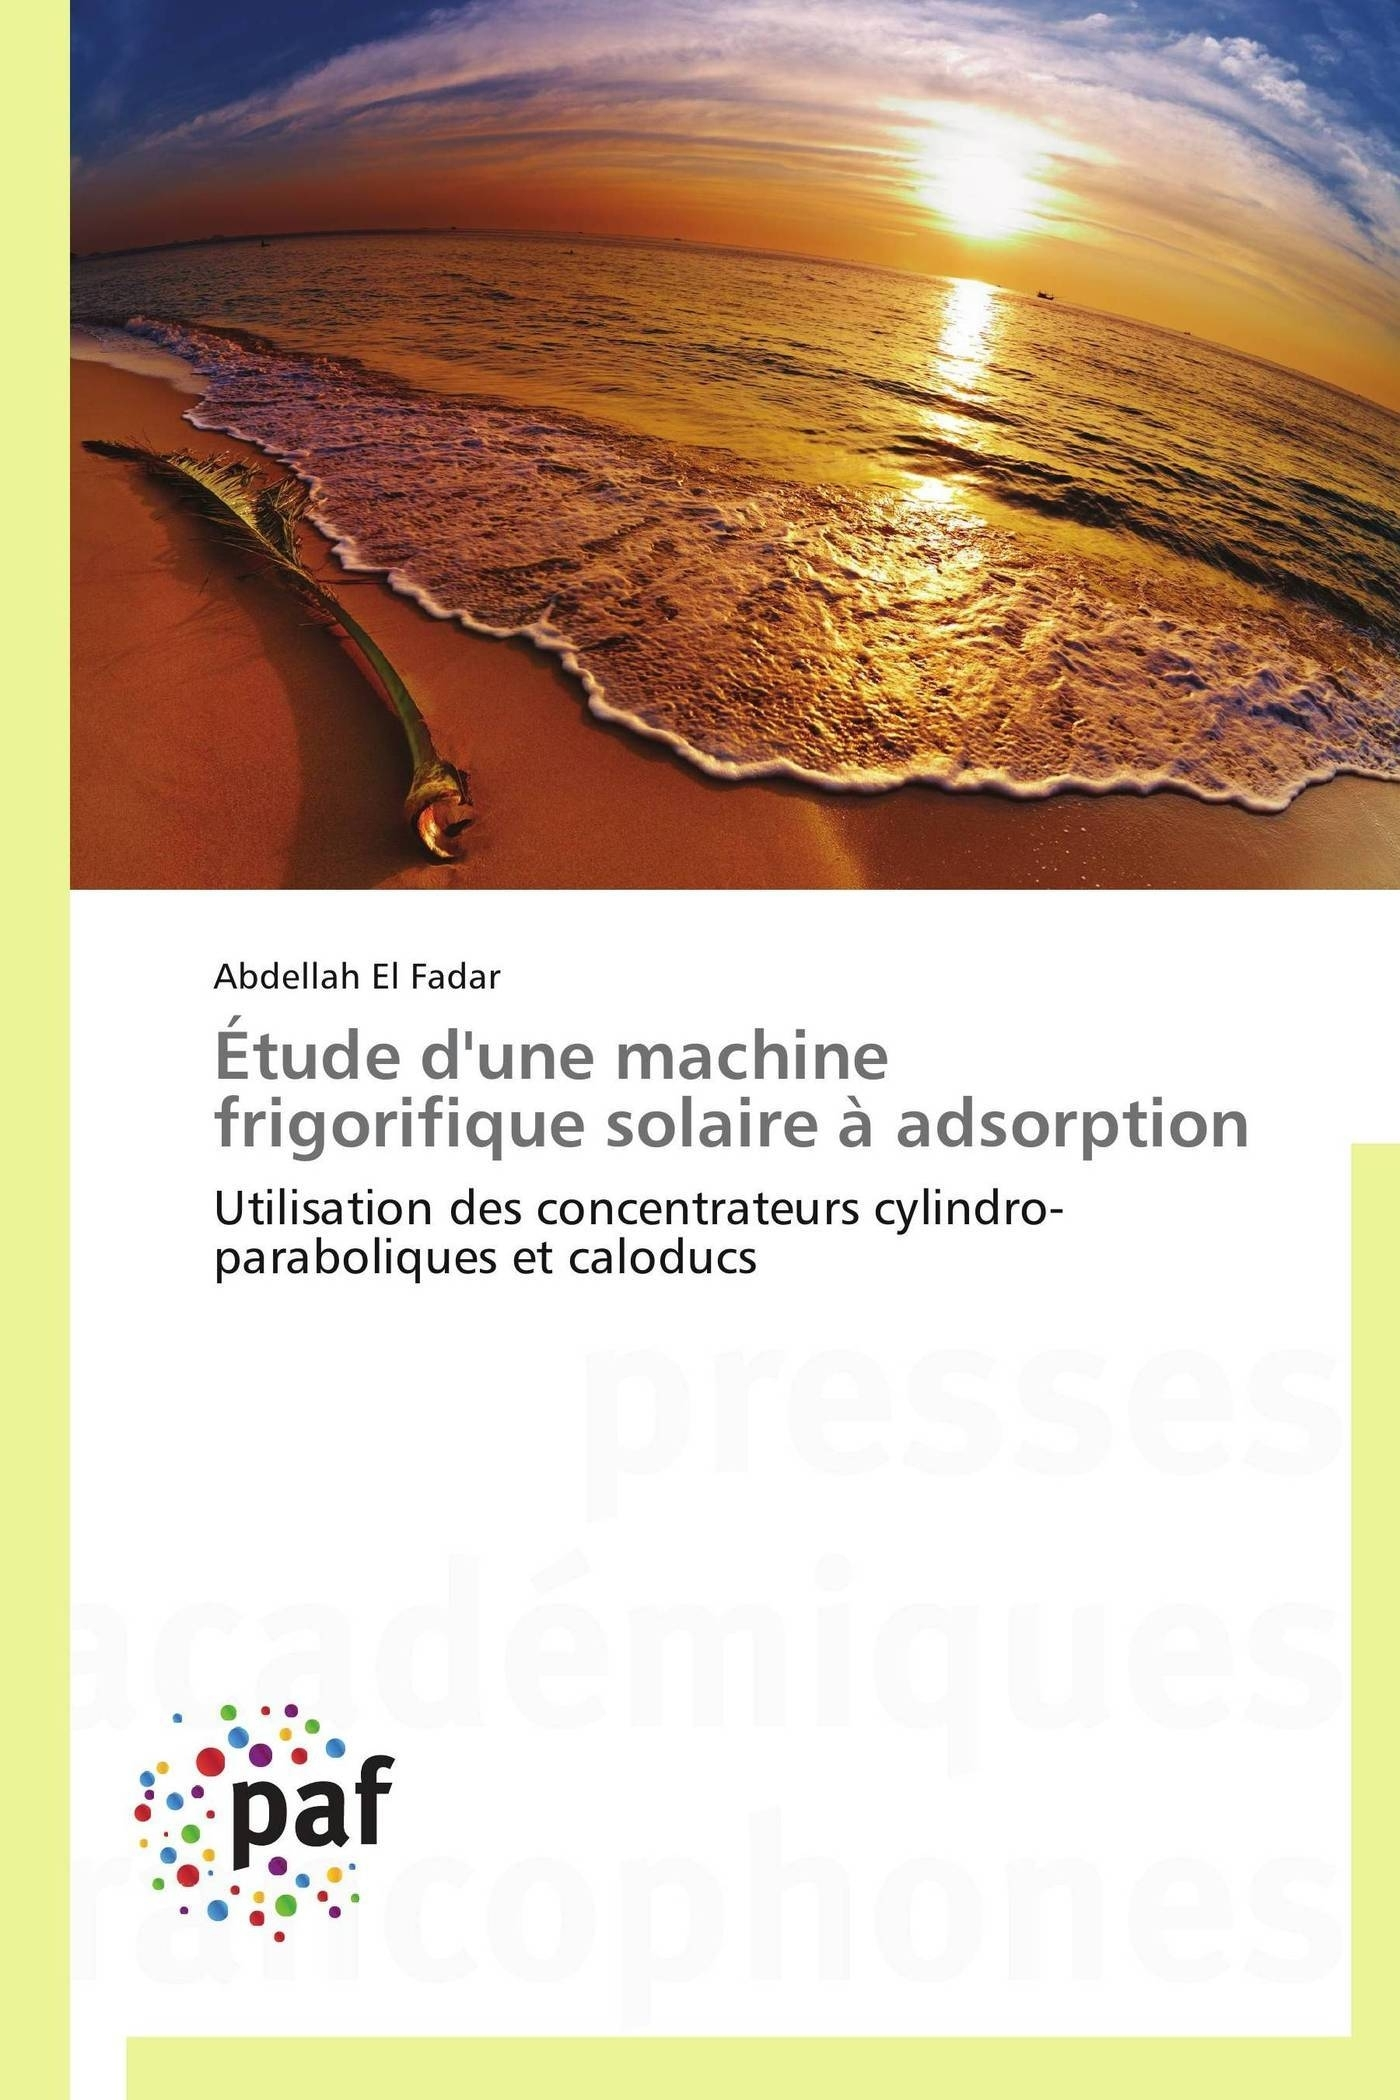 ETUDE D'UNE MACHINE FRIGORIFIQUE SOLAIRE A ADSORPTION